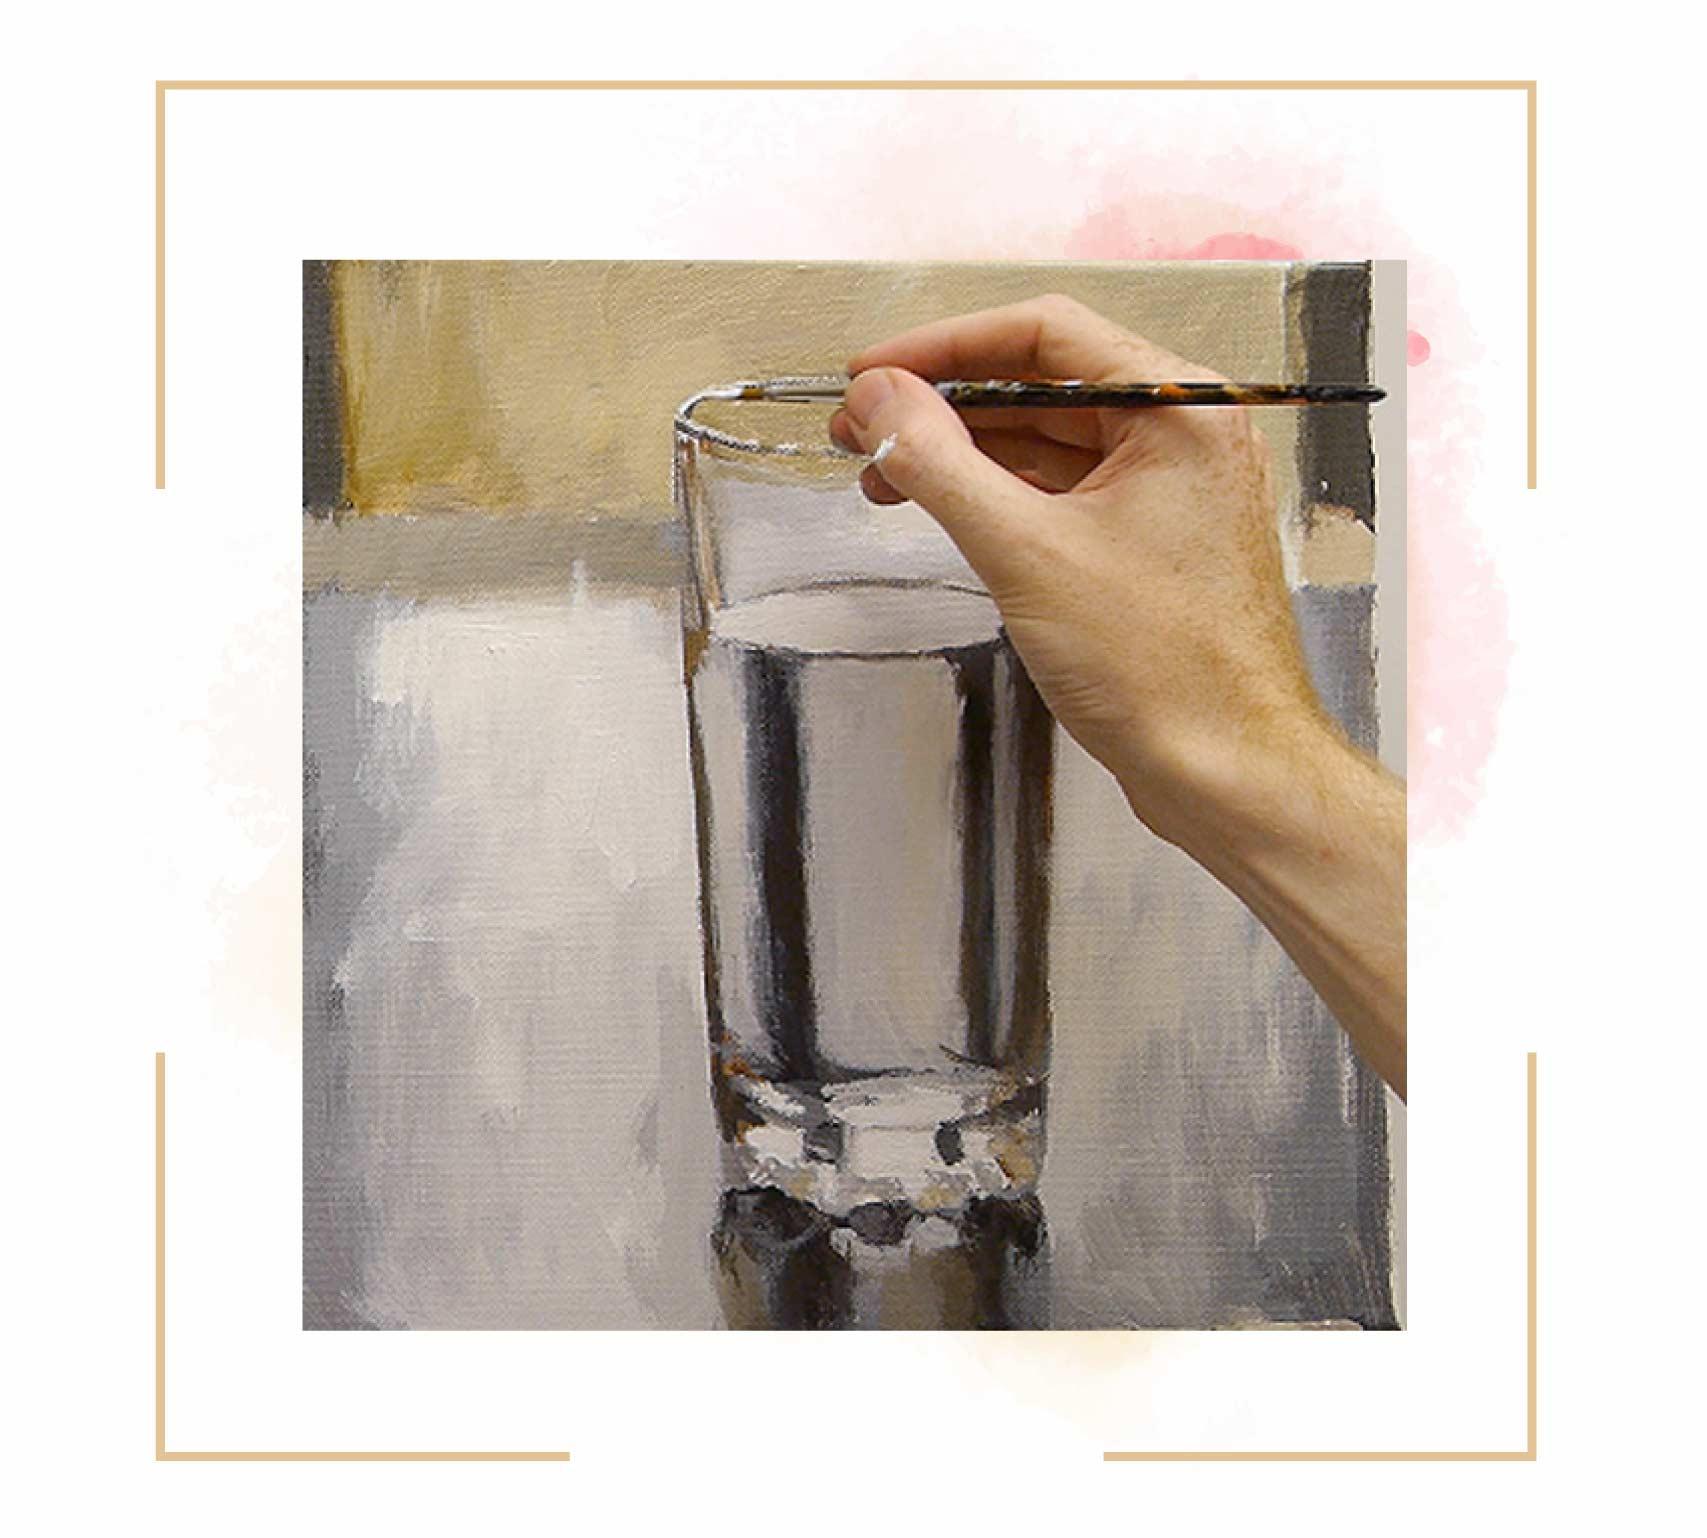 آموزش نقاشی لیوان مرحله به مرحله